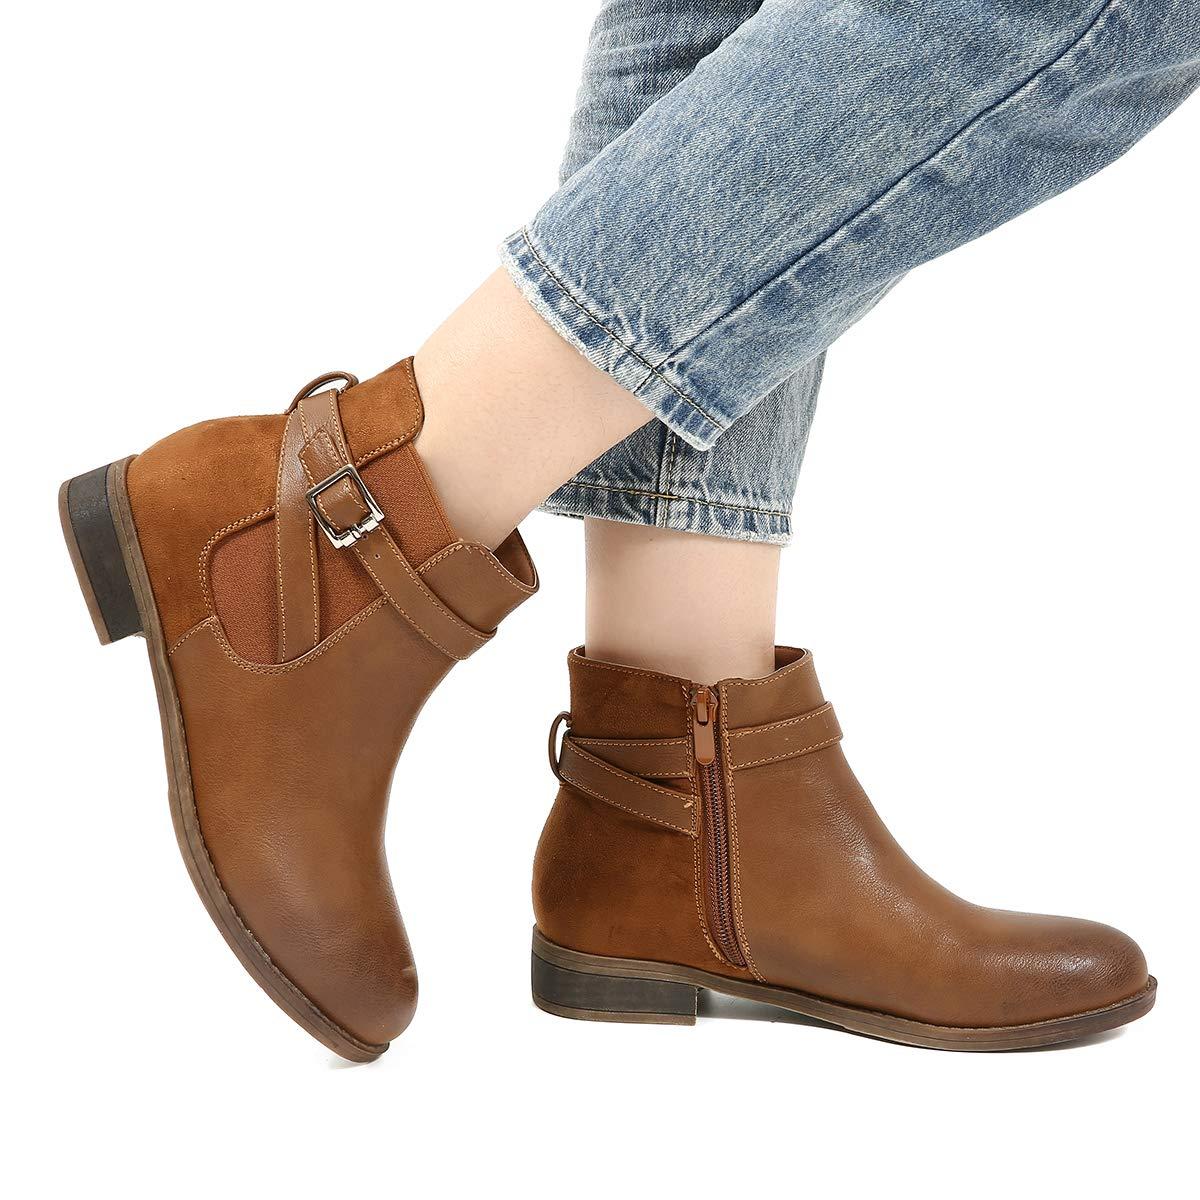 b4ad1bd68e8c95 Camfosy Bottines Chelsea Hiver Femmes Chaussures Chaussures de Ville Plates  avec Fourrure à Talons Bas Bottes ...